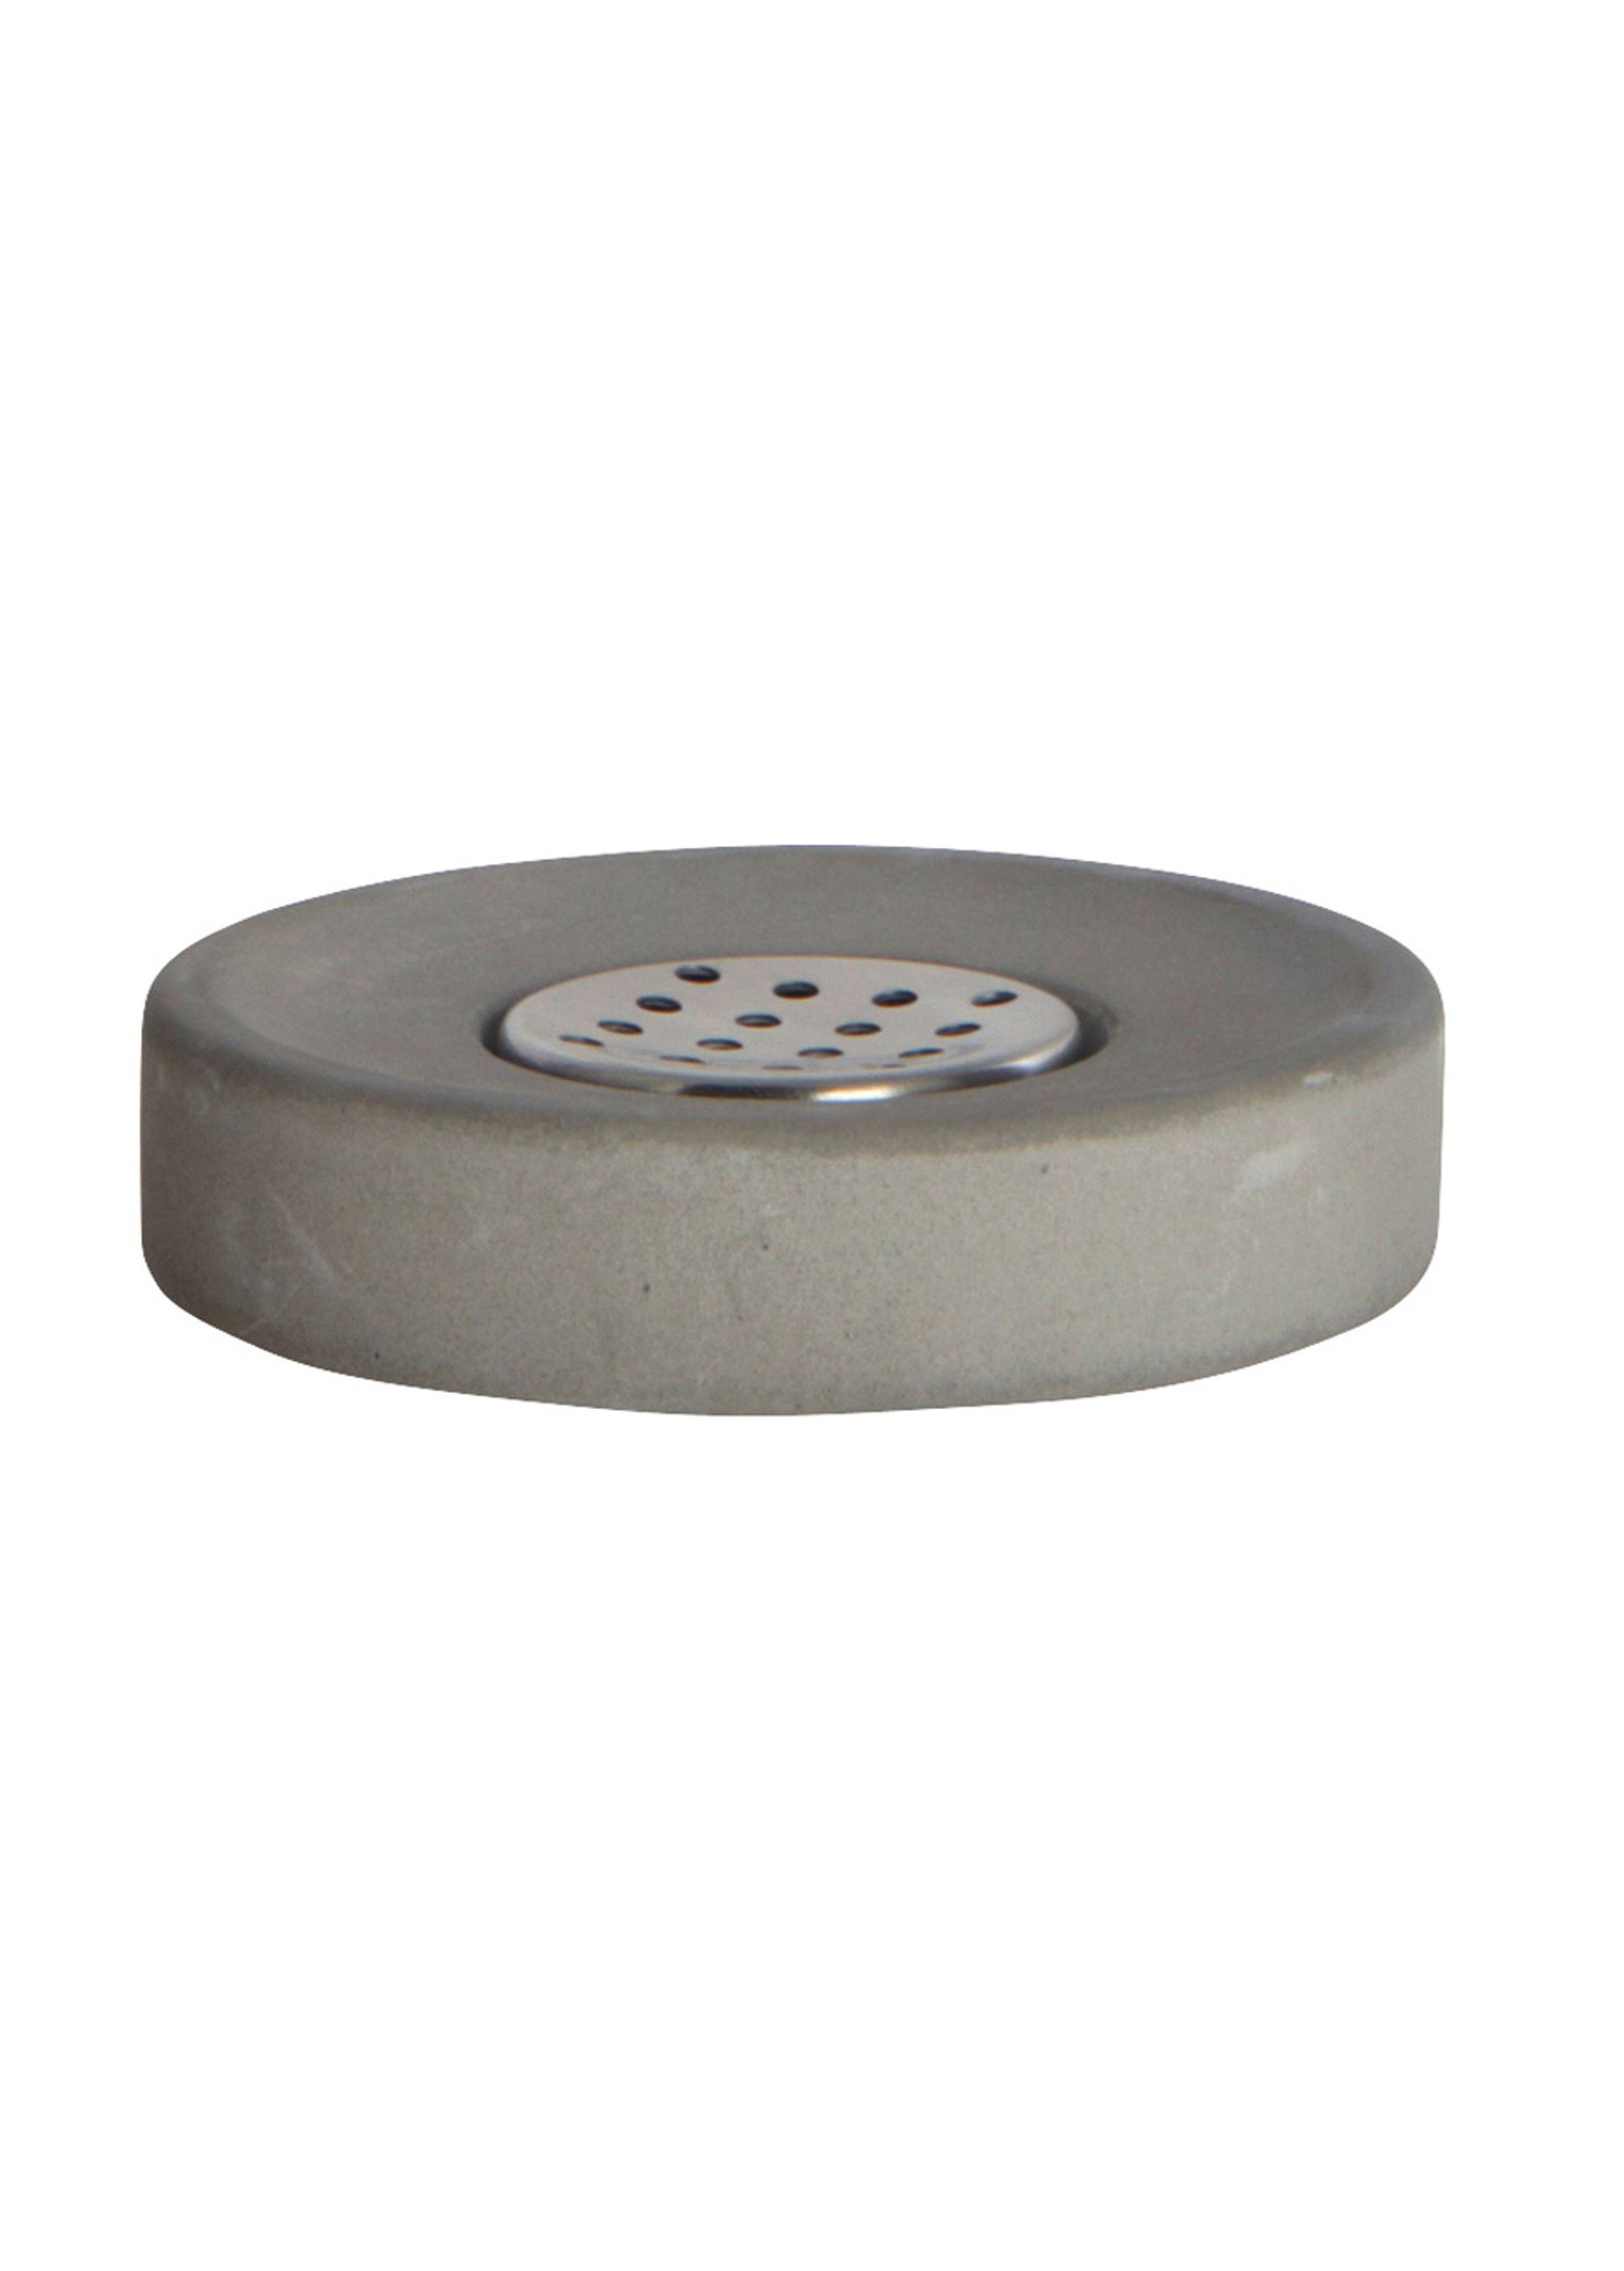 Cement sæbeholder